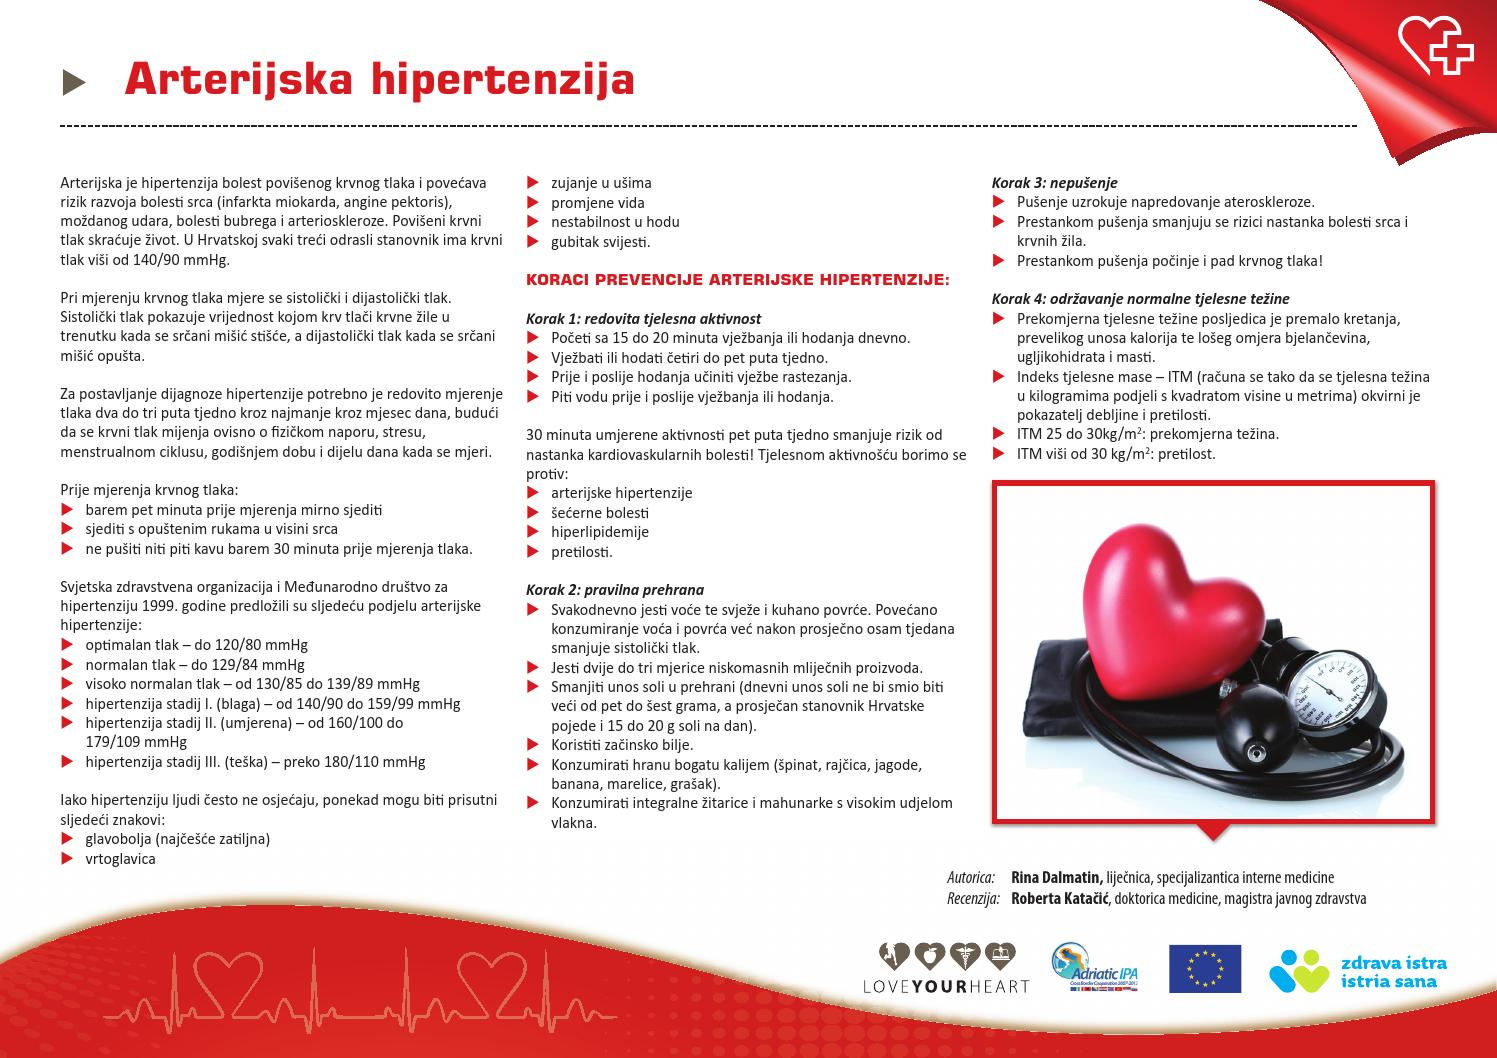 vježbe za prevenciju hipertenzije